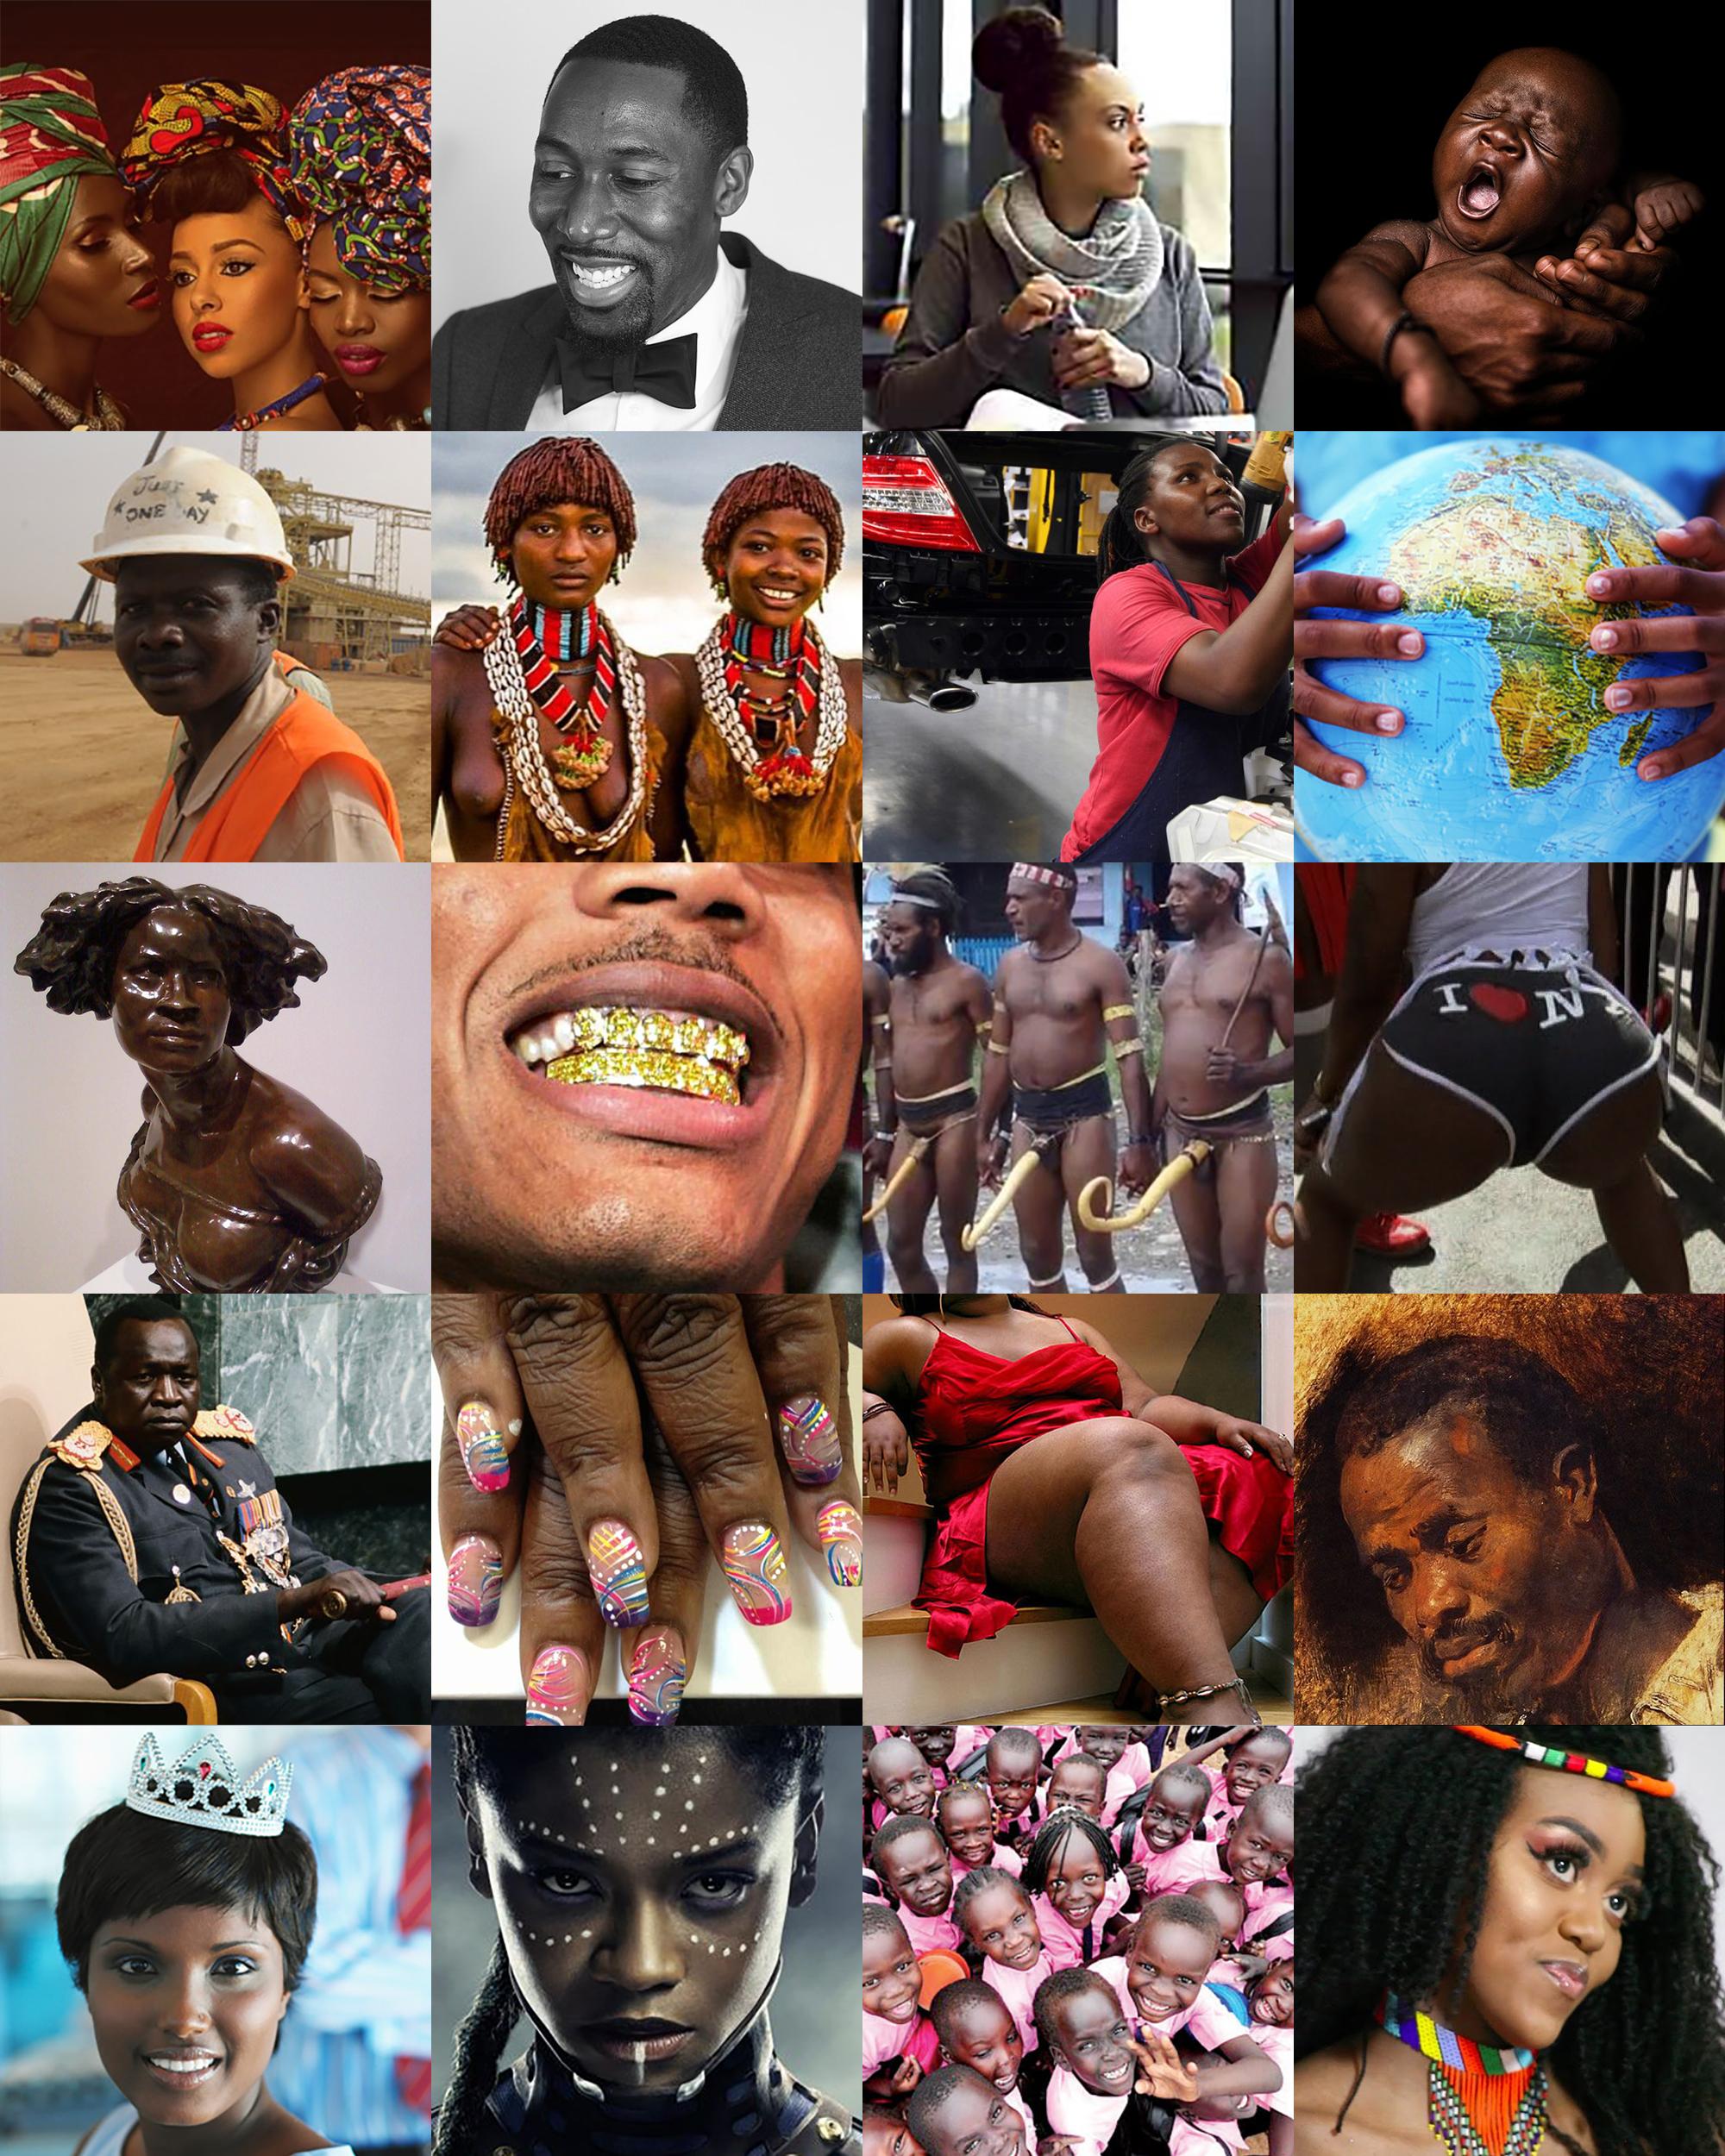 Africa Unite - Negro People